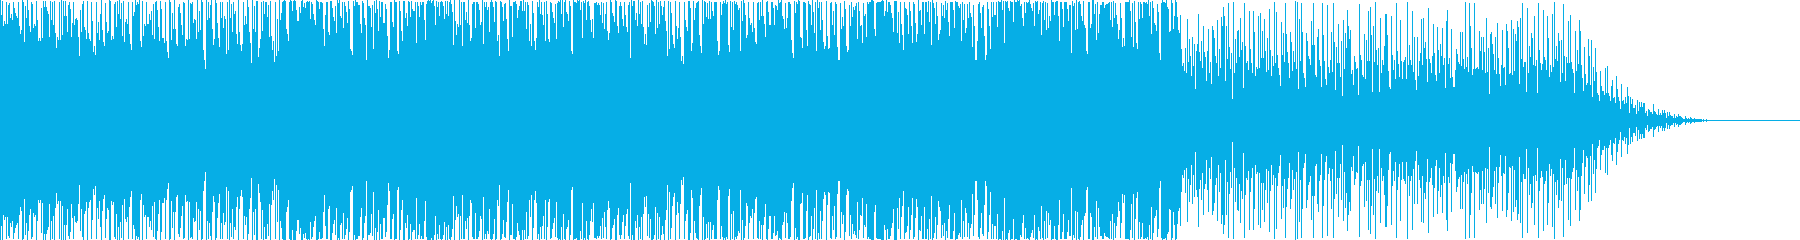 生三味線!ダンス系和風EDM、疾走感Sの再生済みの波形